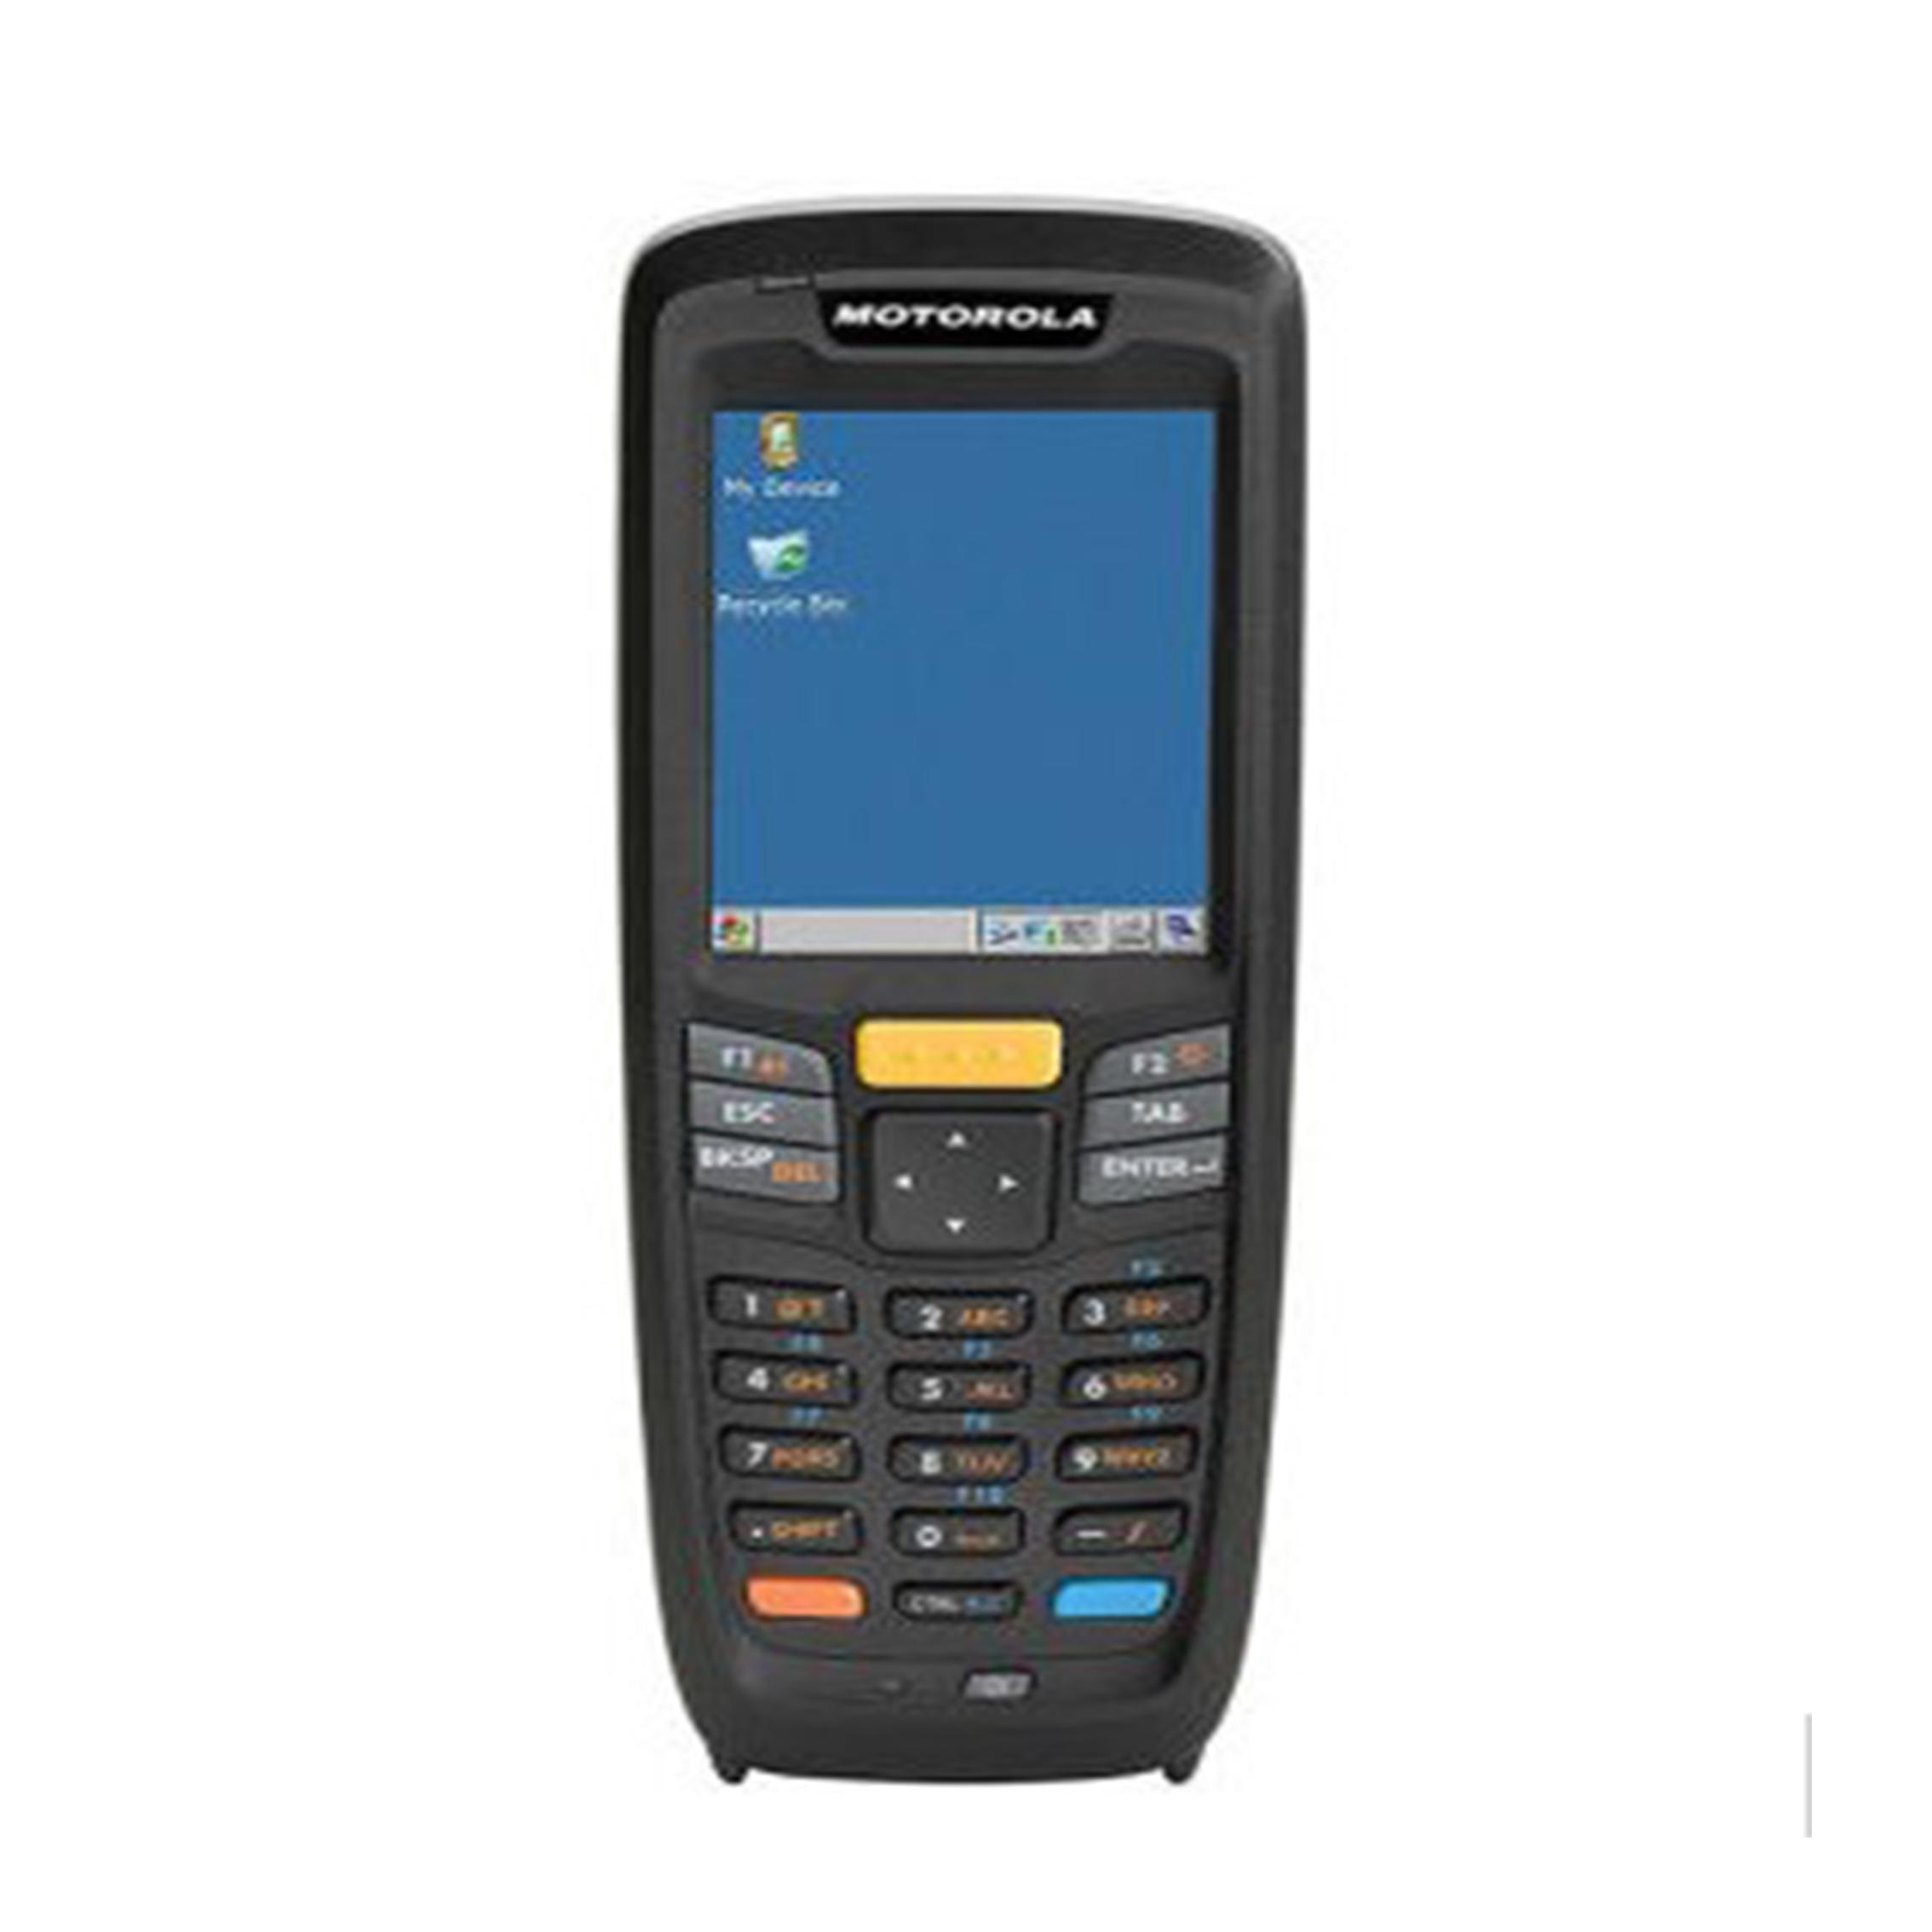 斑馬MC2108數據采集器